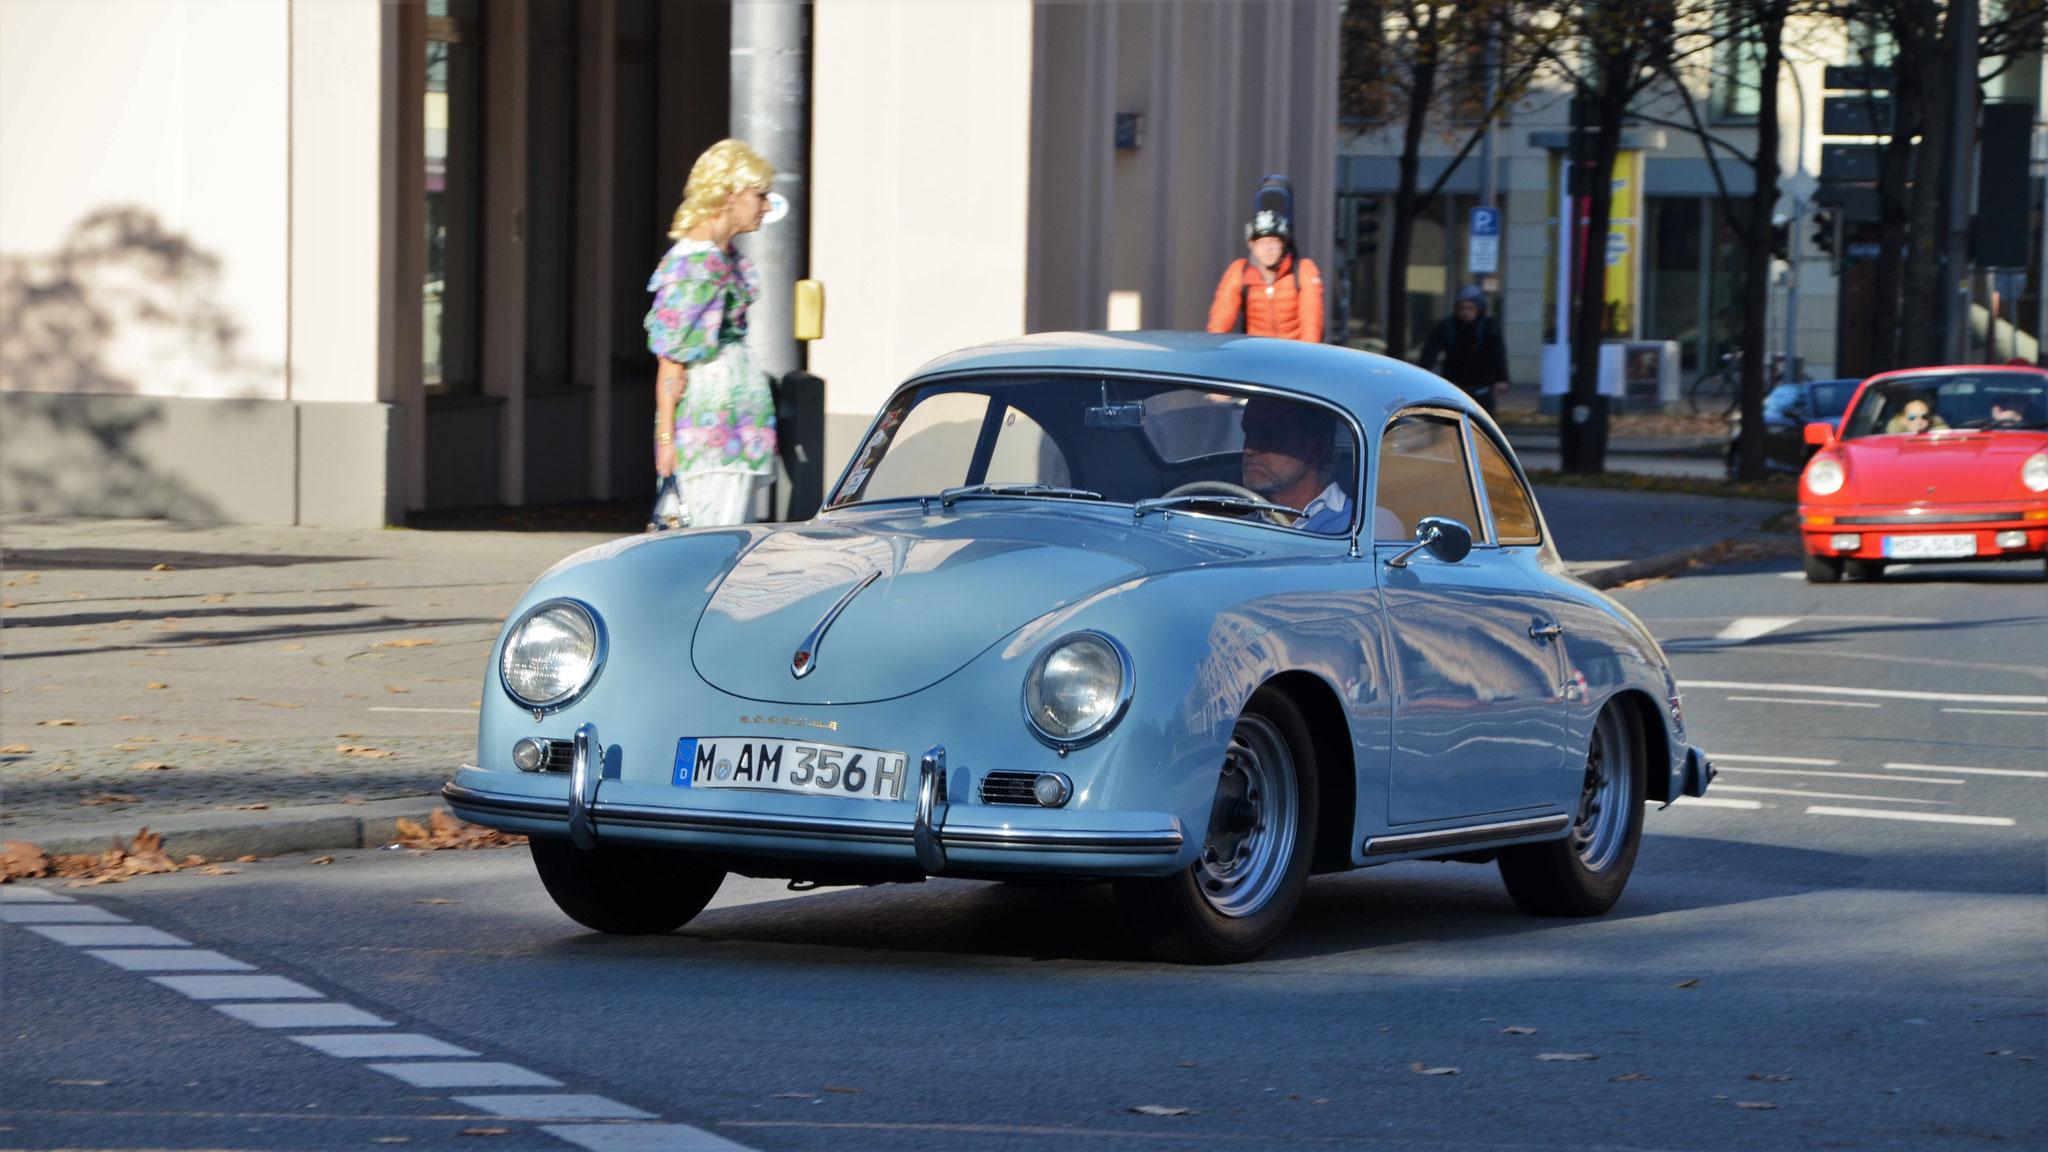 Porsche 356 1600 - M-AM-356H